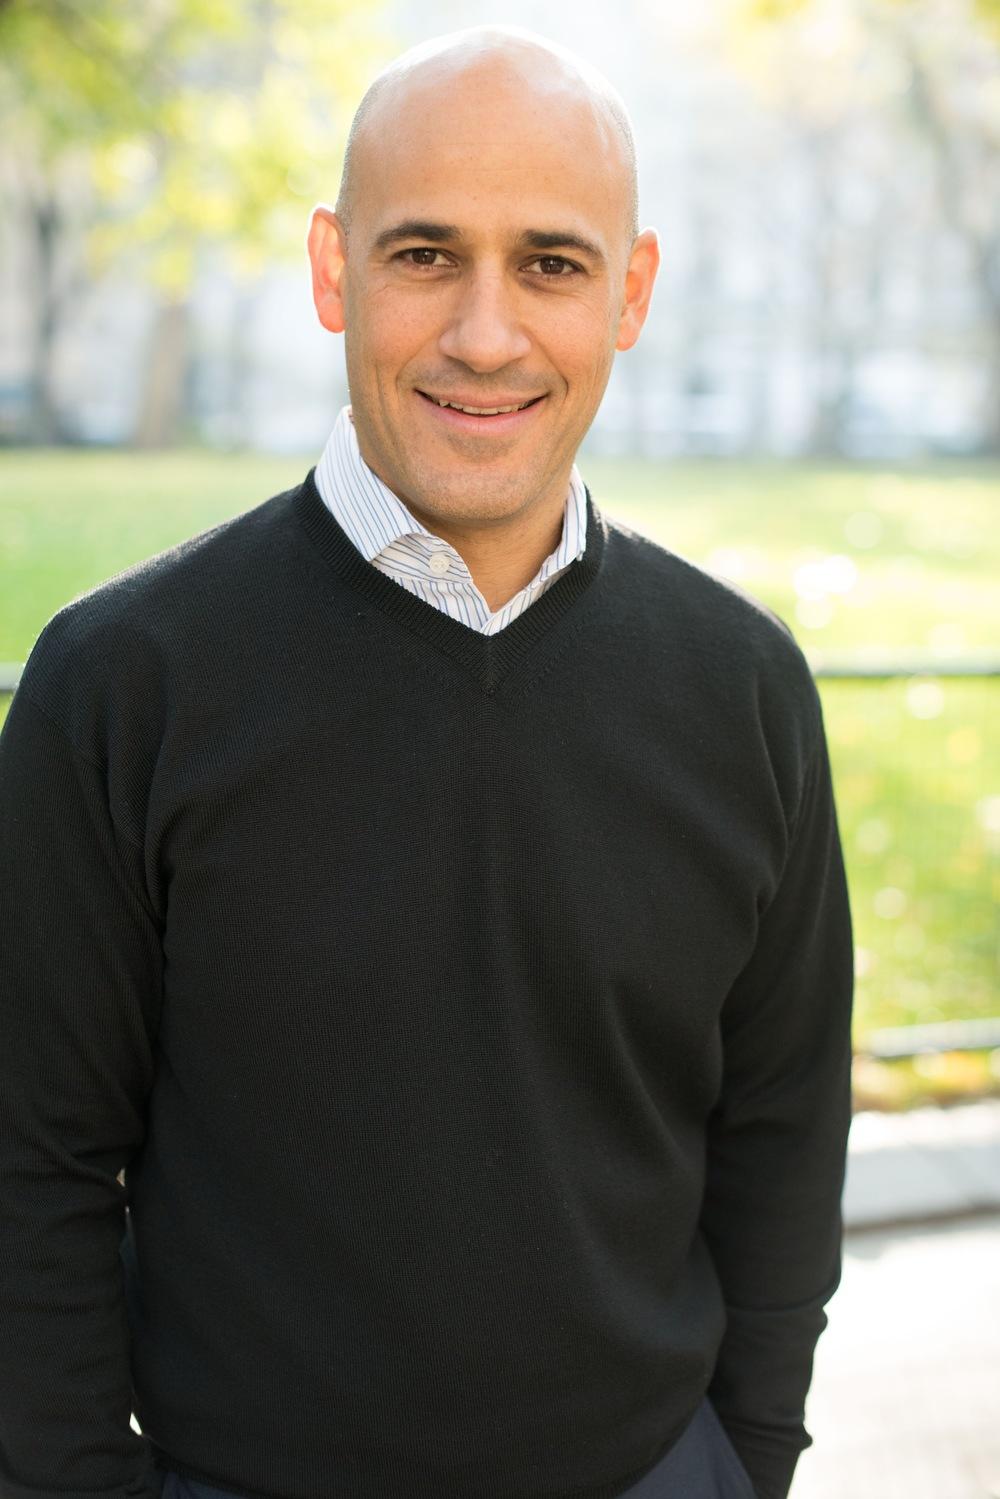 Dr. Greg Shure